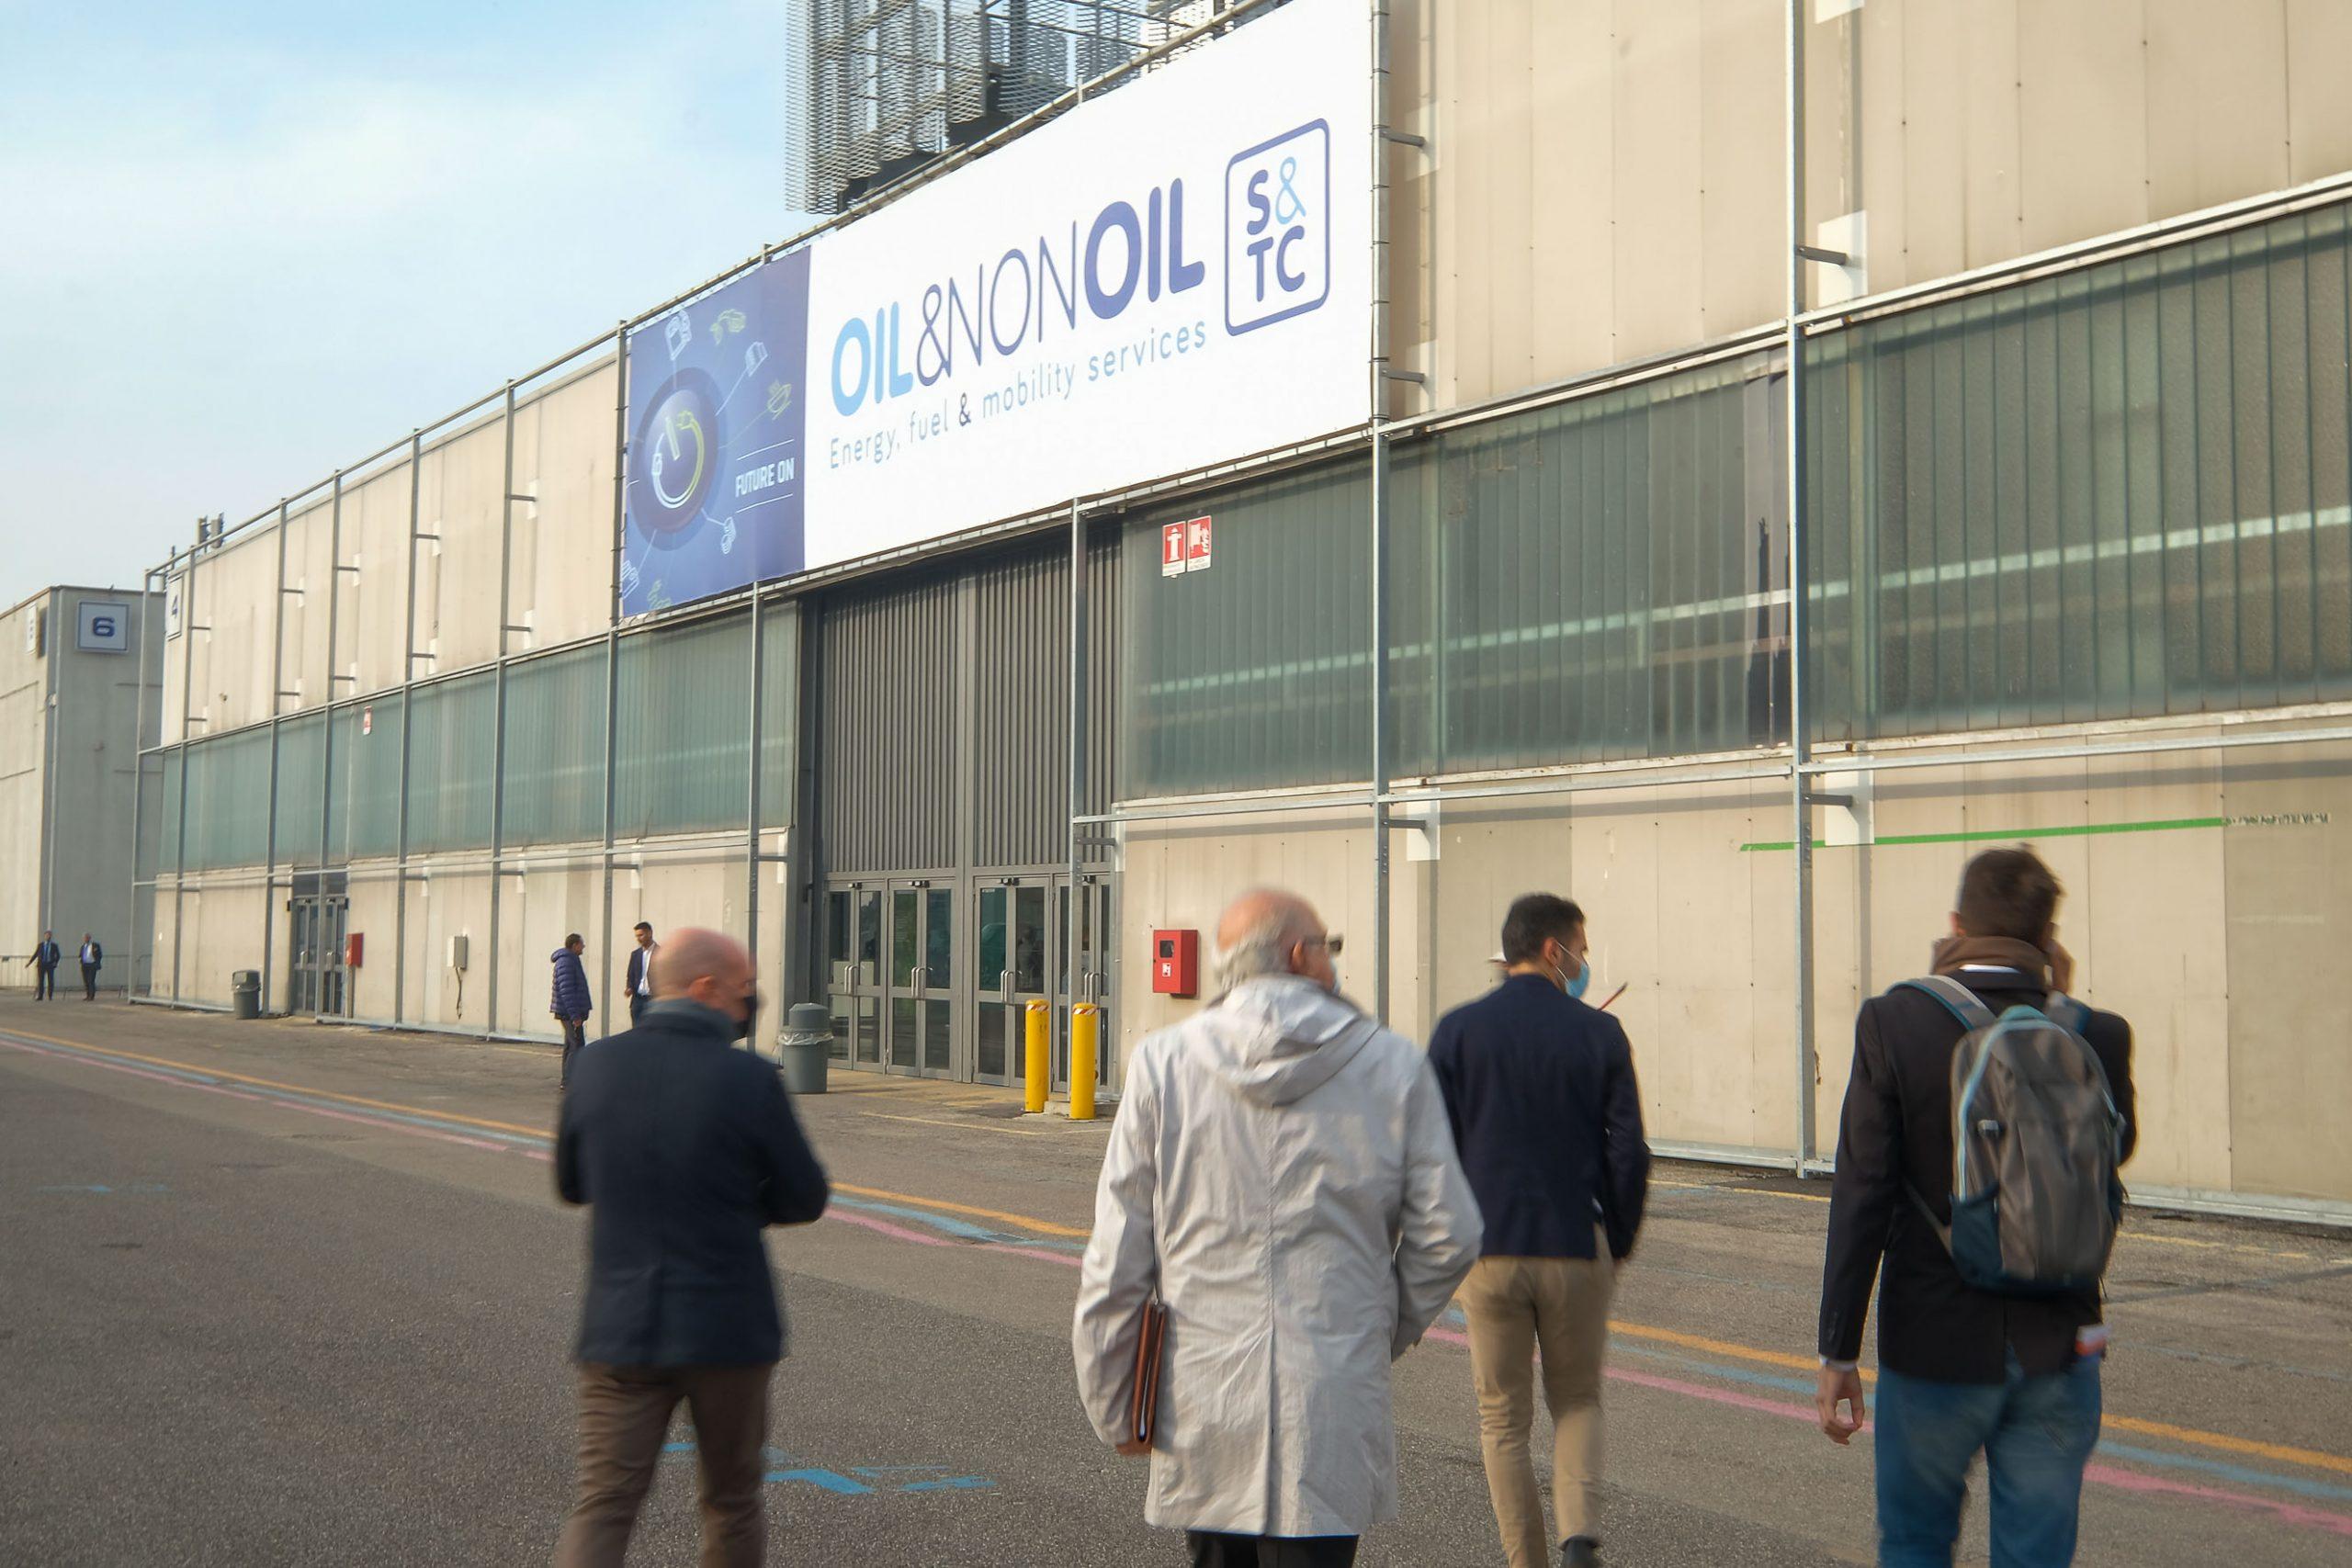 Oil&nonOil: conclusa la prima giornata del salone dedicato a energie, carburanti e servizi per la mobilità